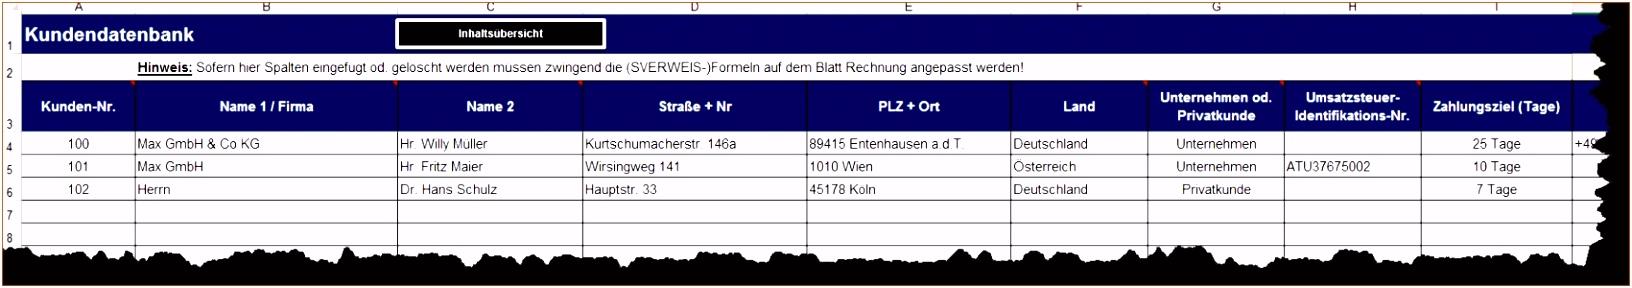 11 Kundendatenbank Excel Vorlage Vorlagen123 Vorlagen123